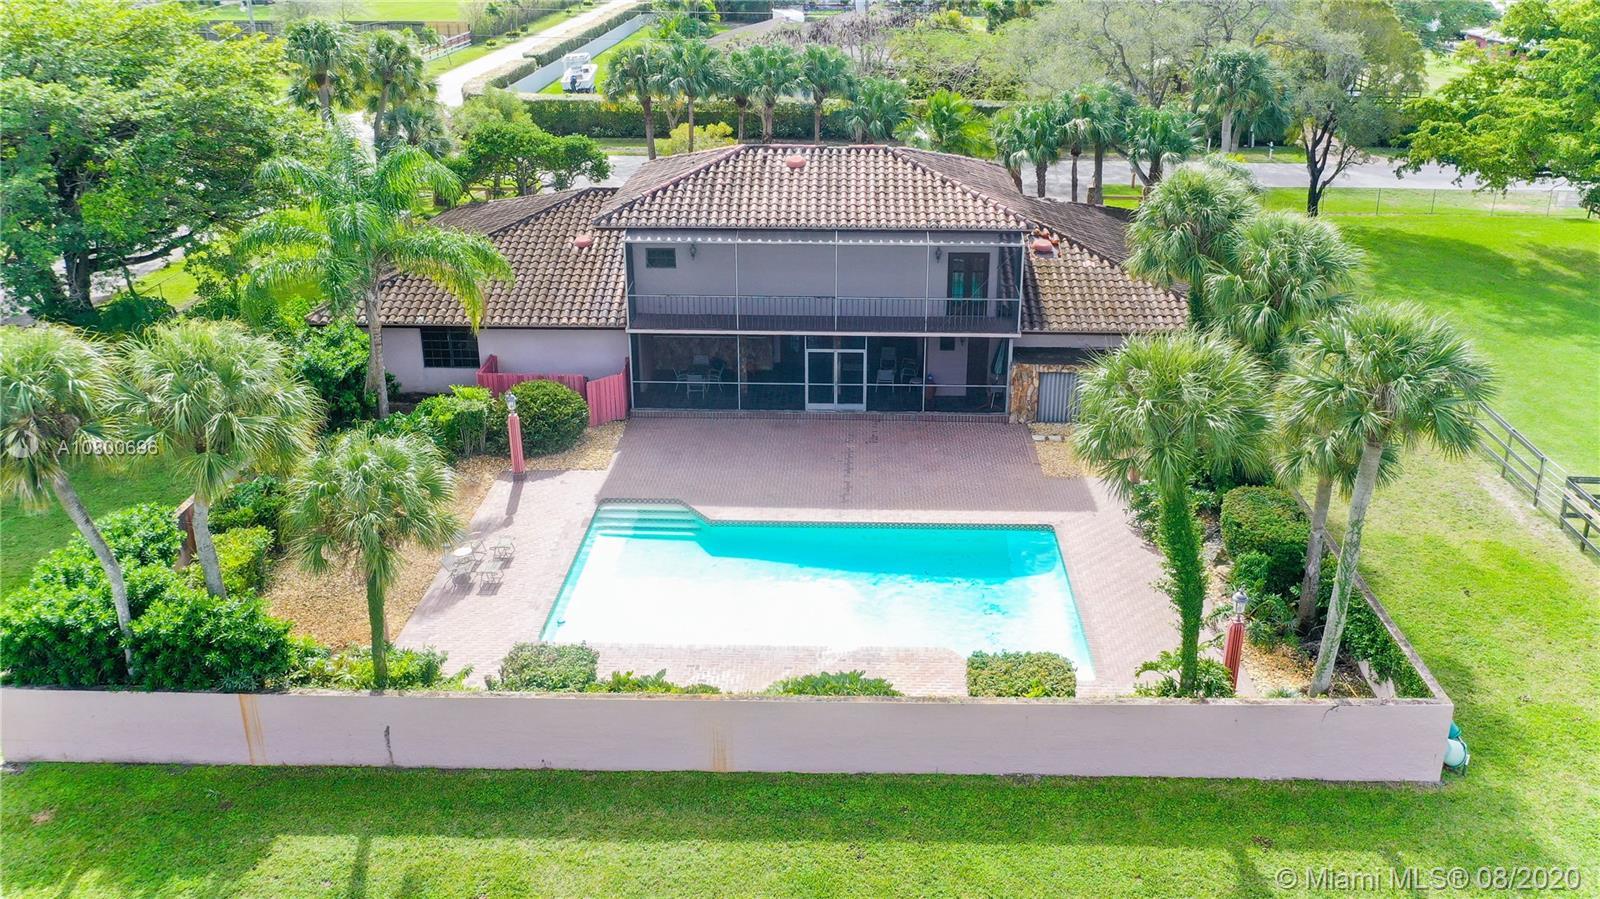 12005 SW 64th St, Miami, FL 33183